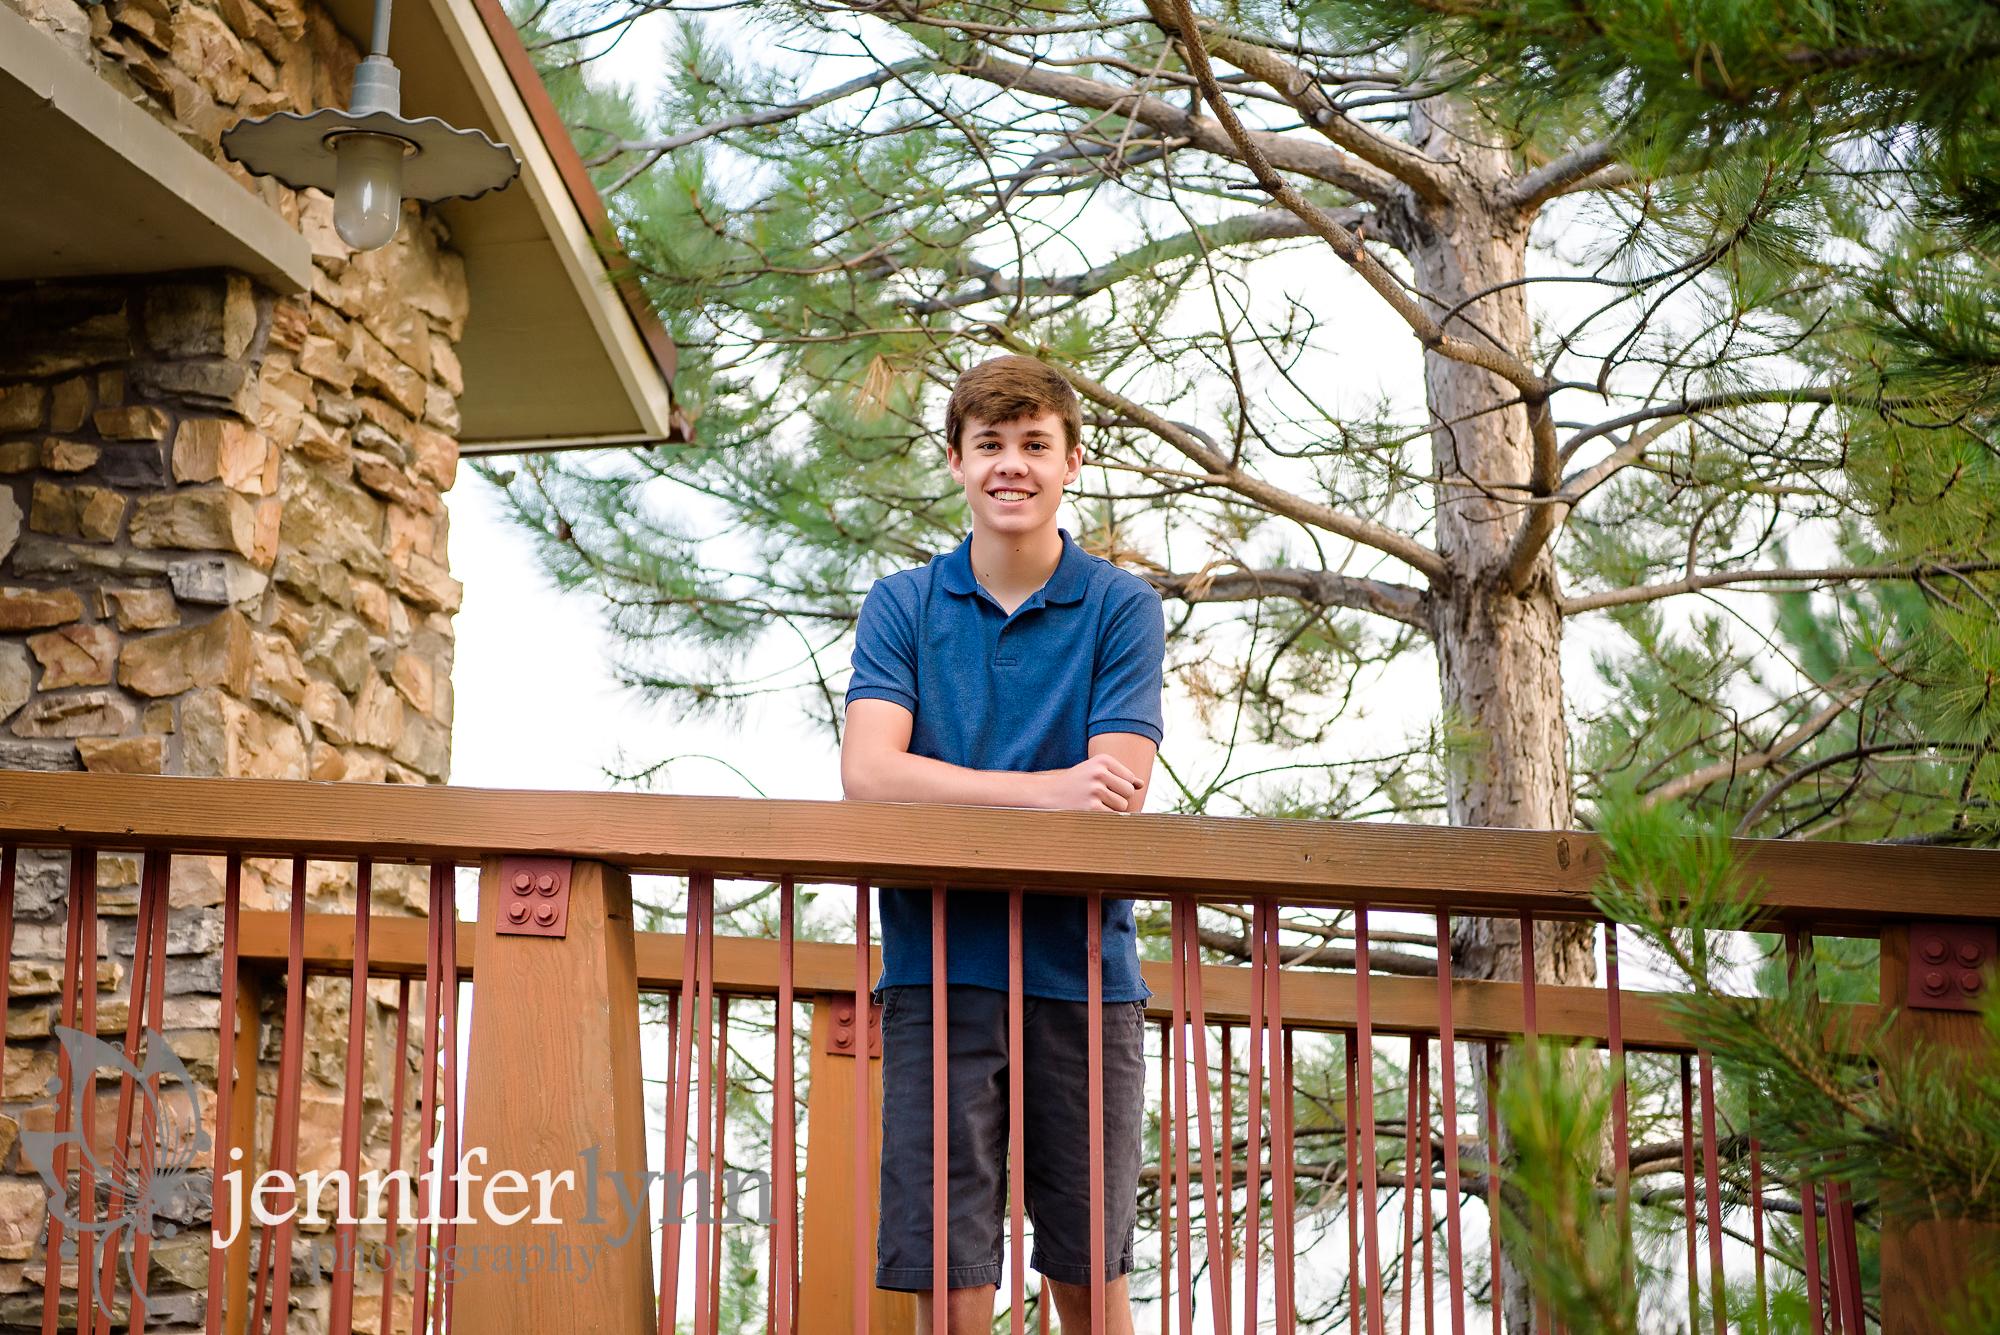 Senior Boy Stands Rustic Bridge